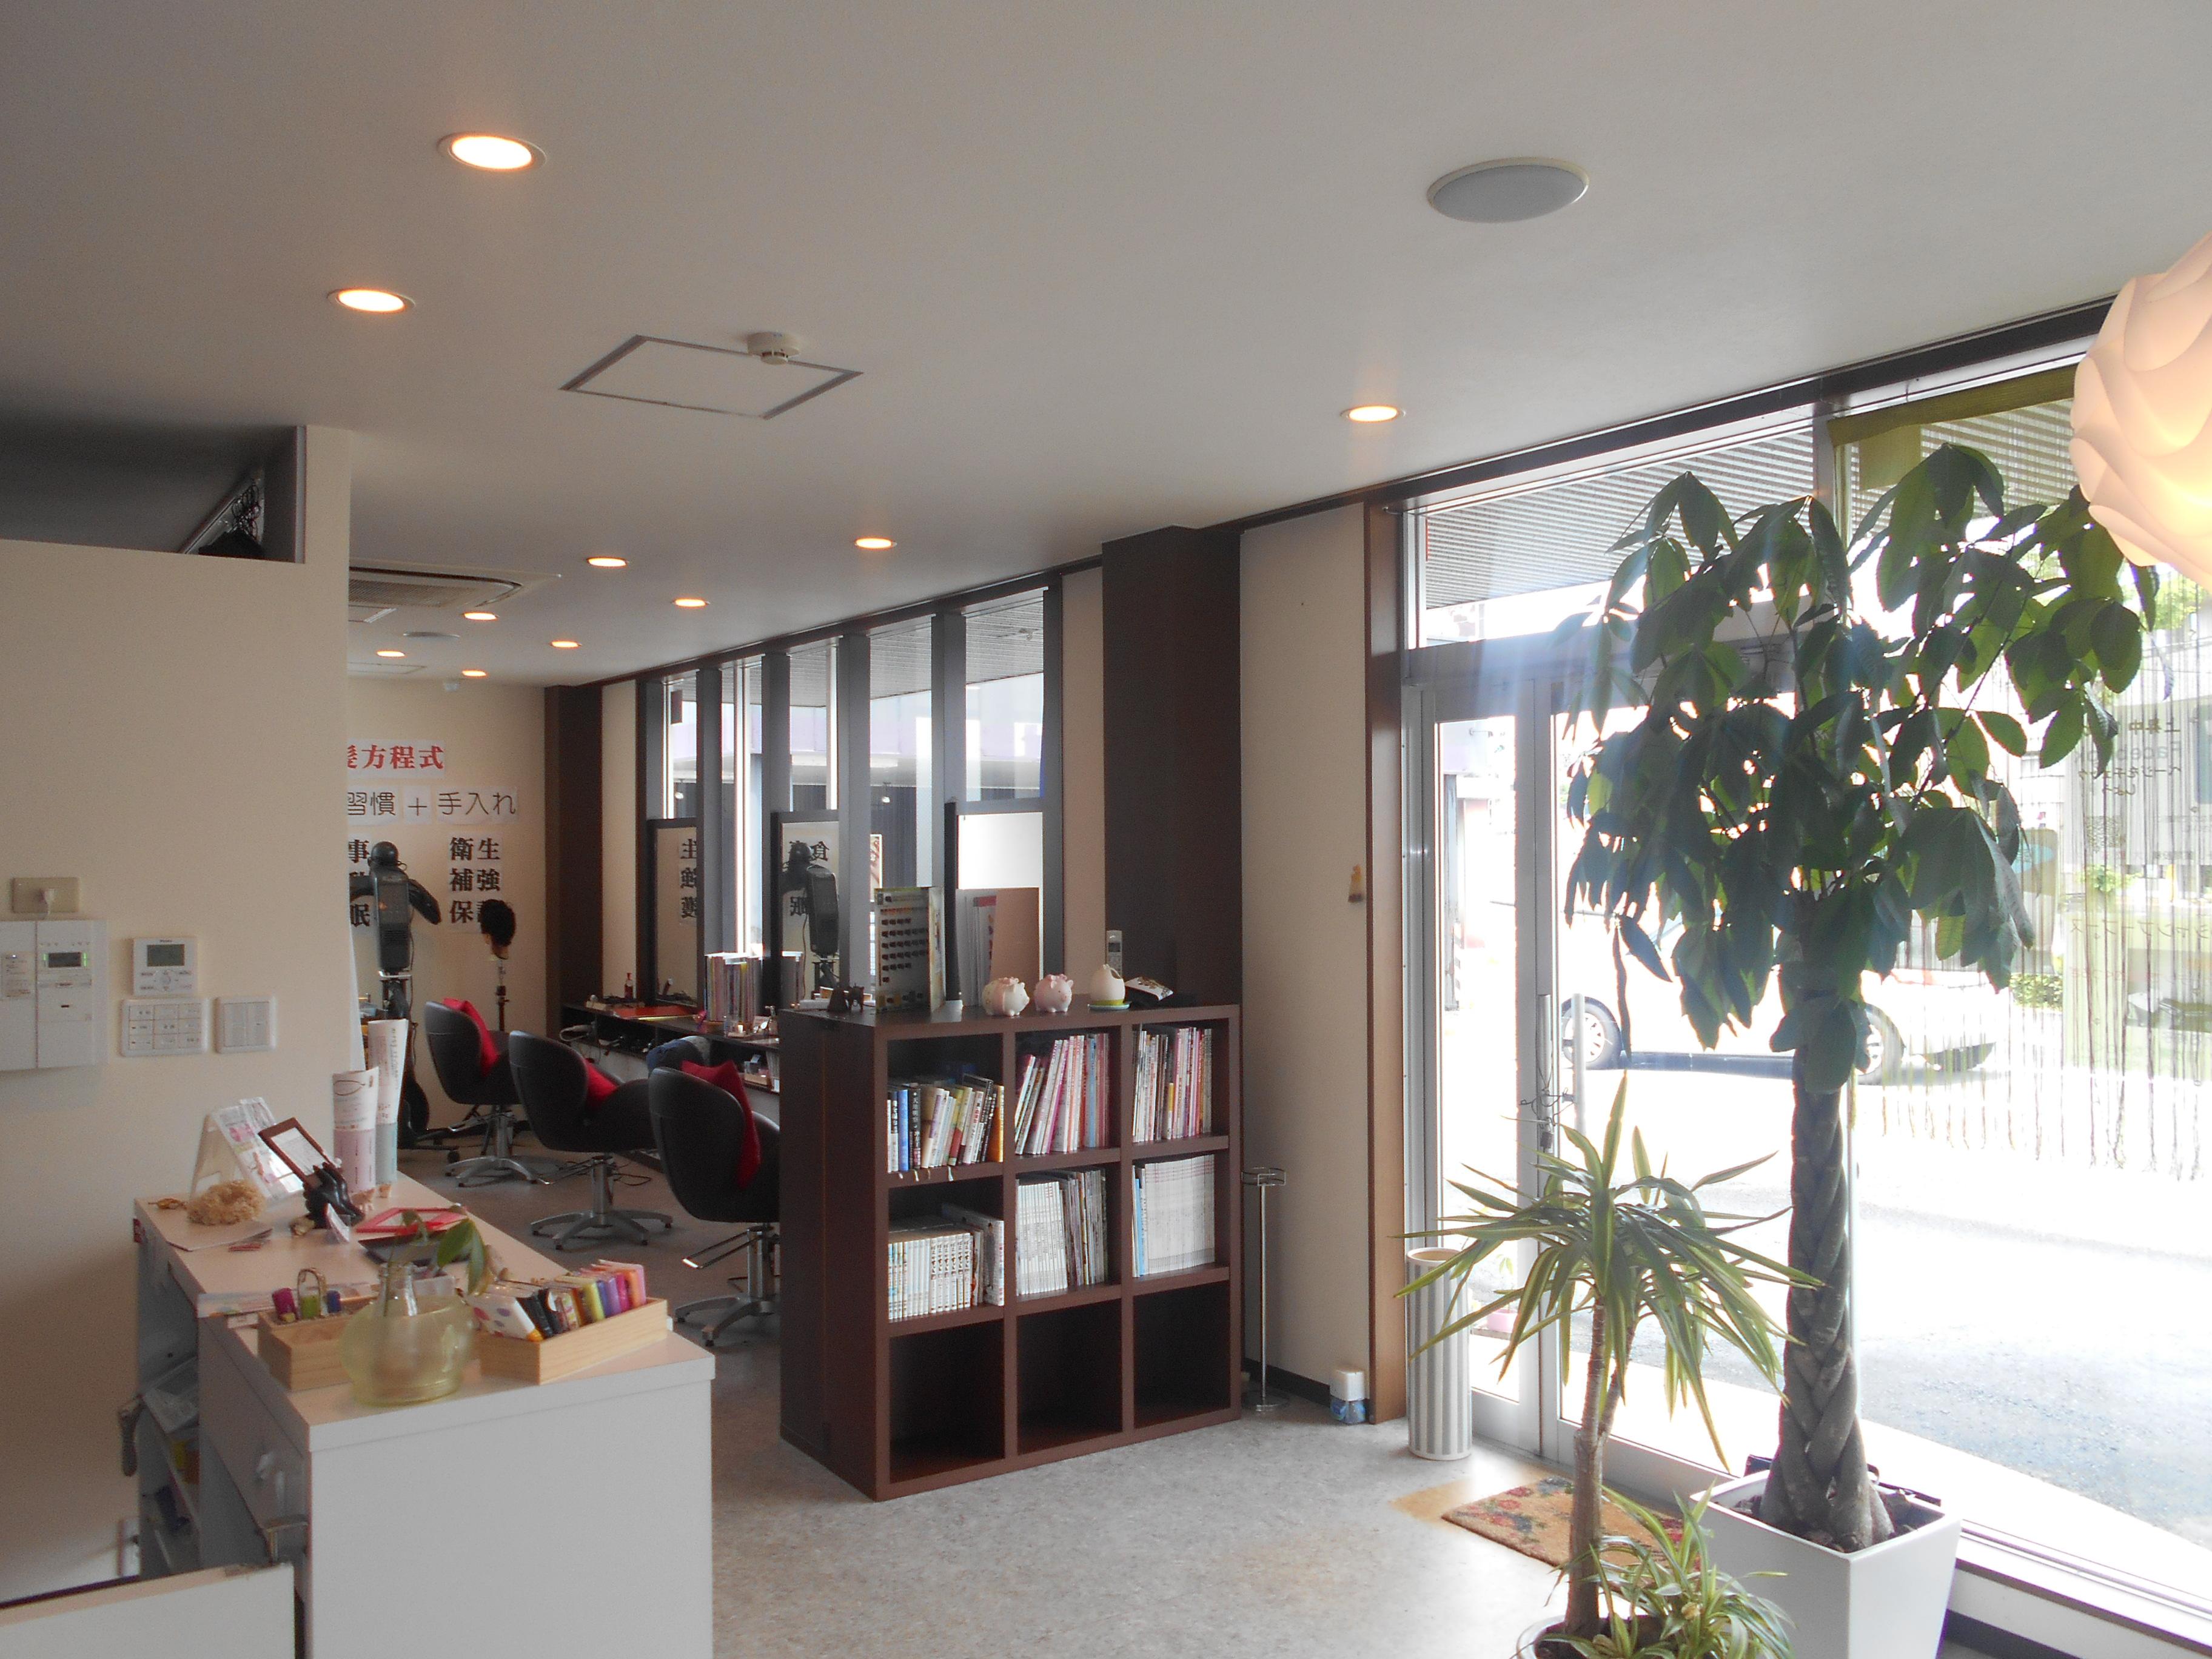 浜松市 髪癒い屋上昇中↑↑様 美容室